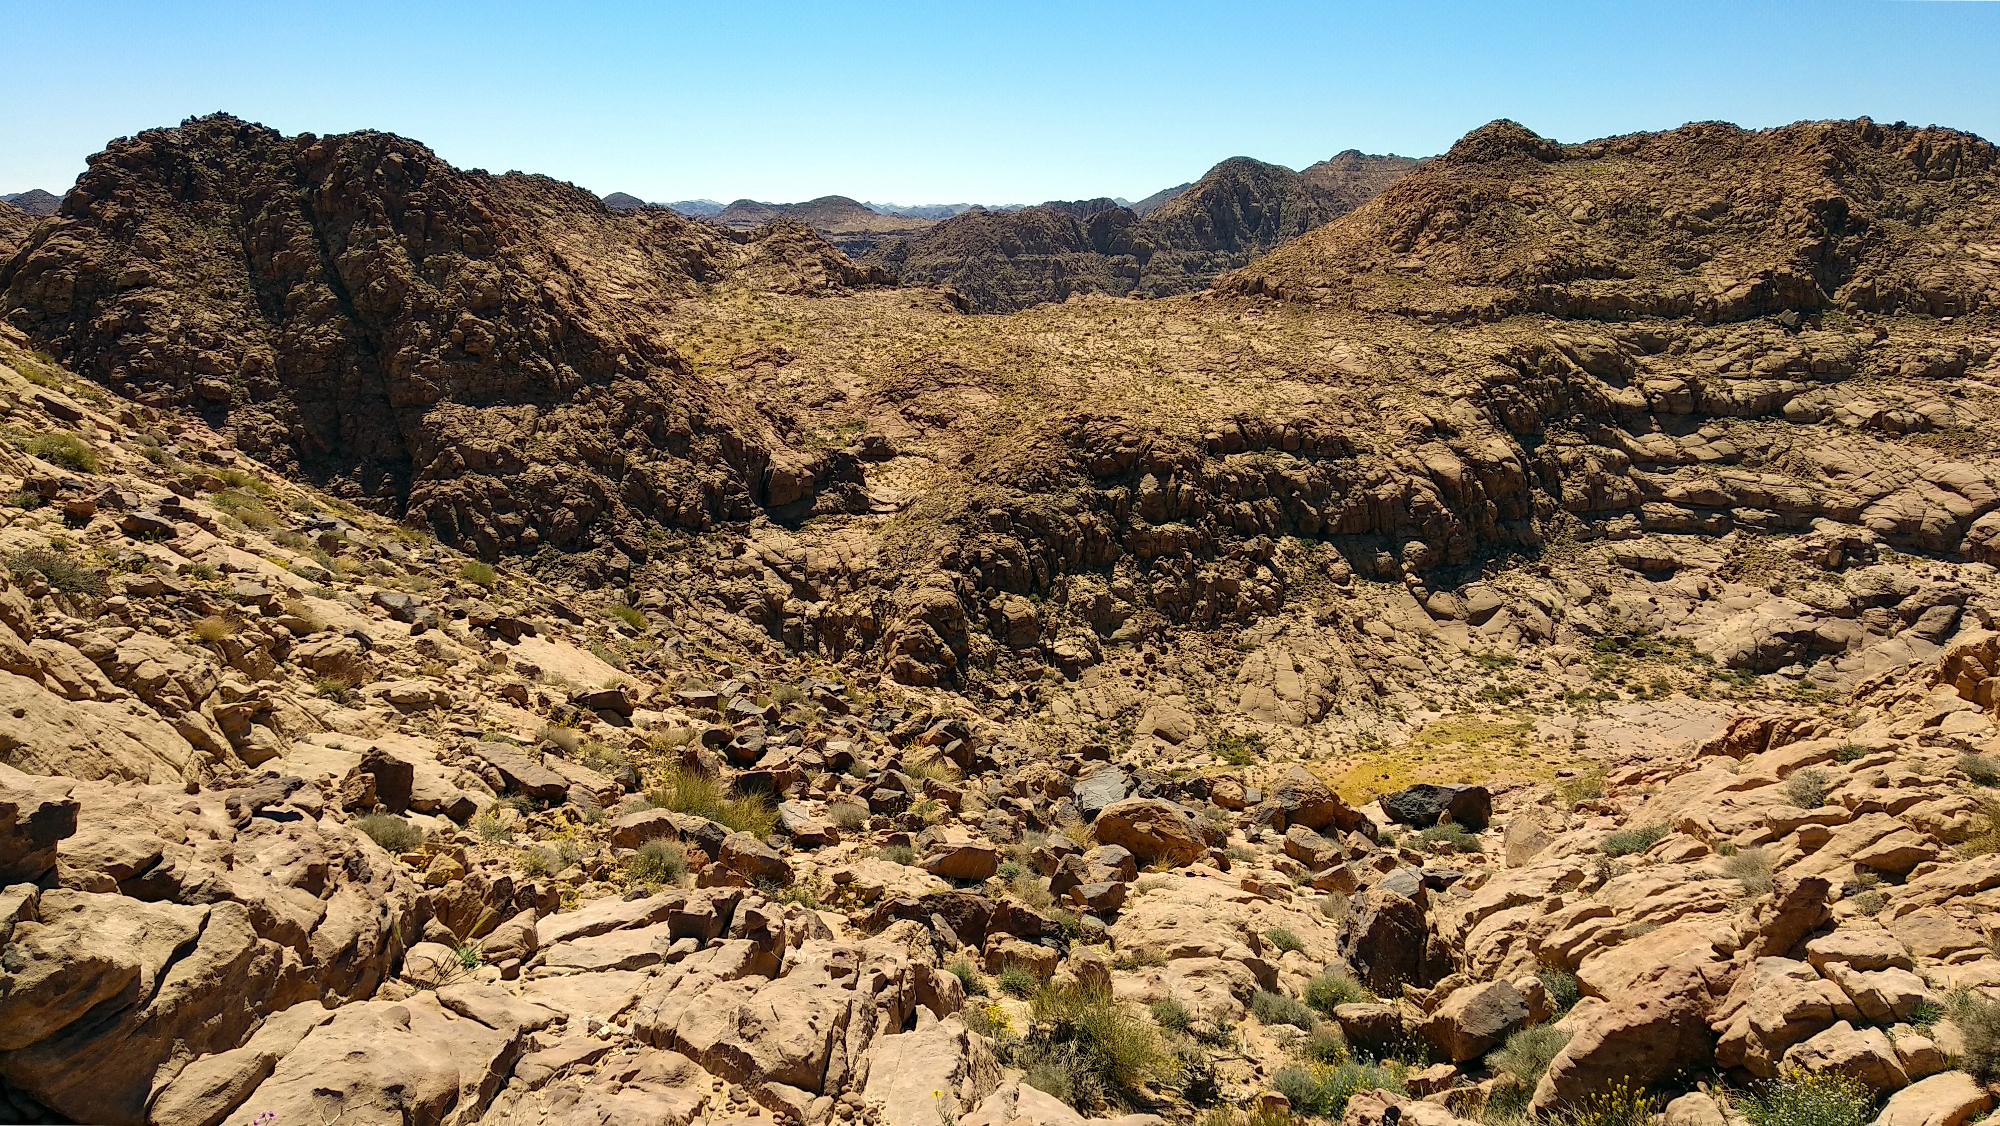 Jebel Khash